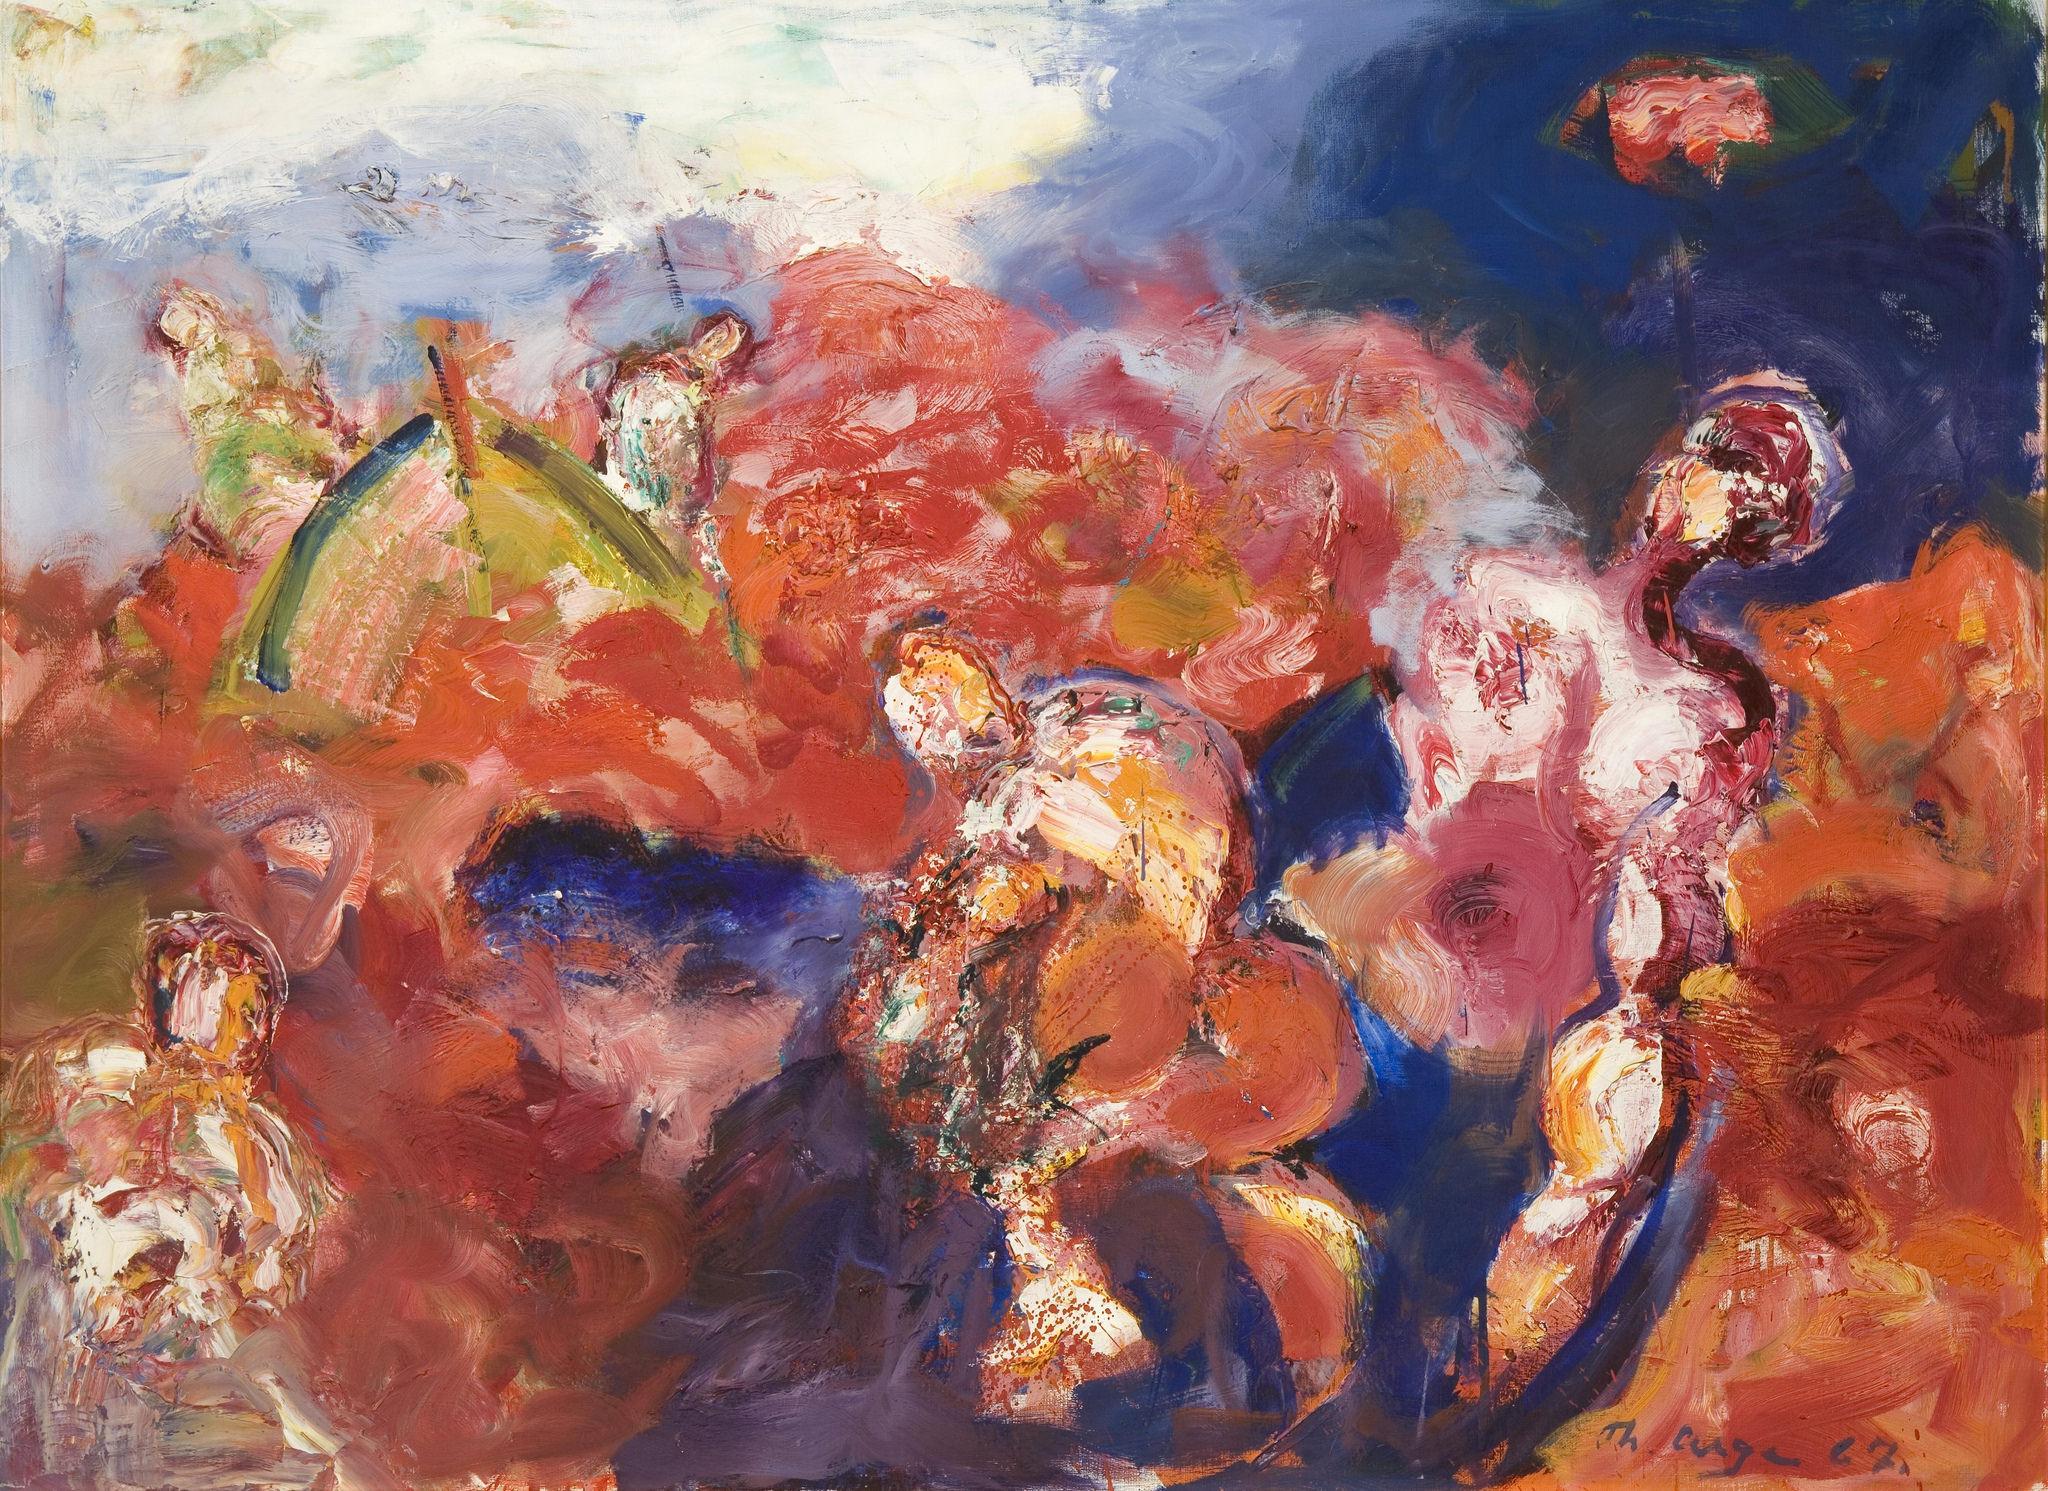 Thomas Arge, Grindadráp, 1967, olja á lørift, 100 x 134 cm, Tórshavnar Býráð